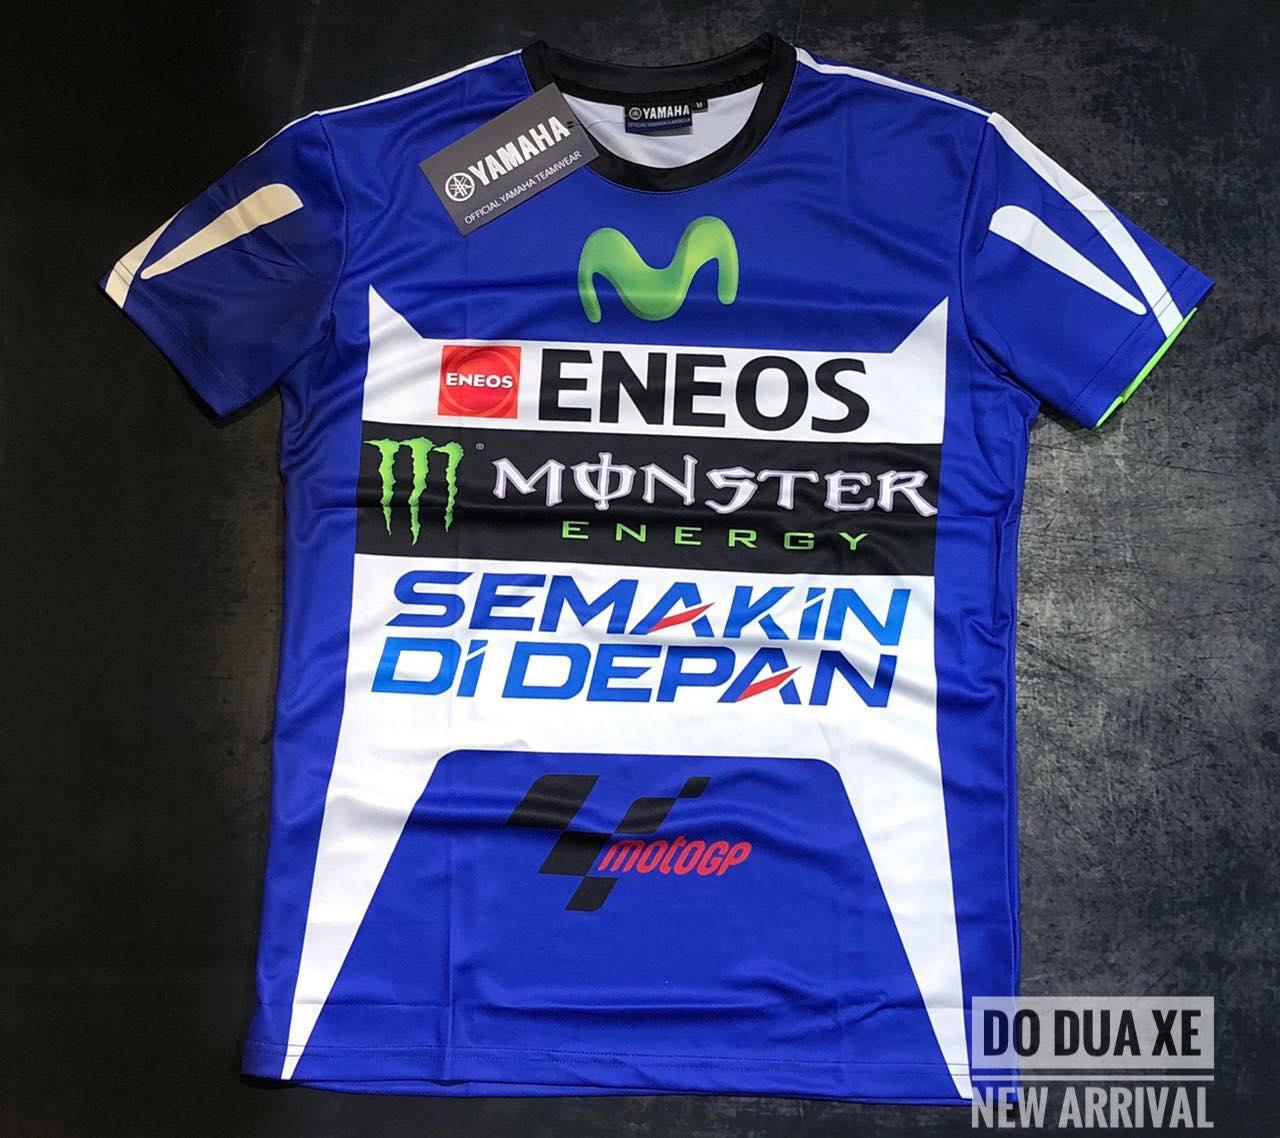 doduaxe.com: Chuyên cung cấp quần áo phụ kiện đua xe - 40